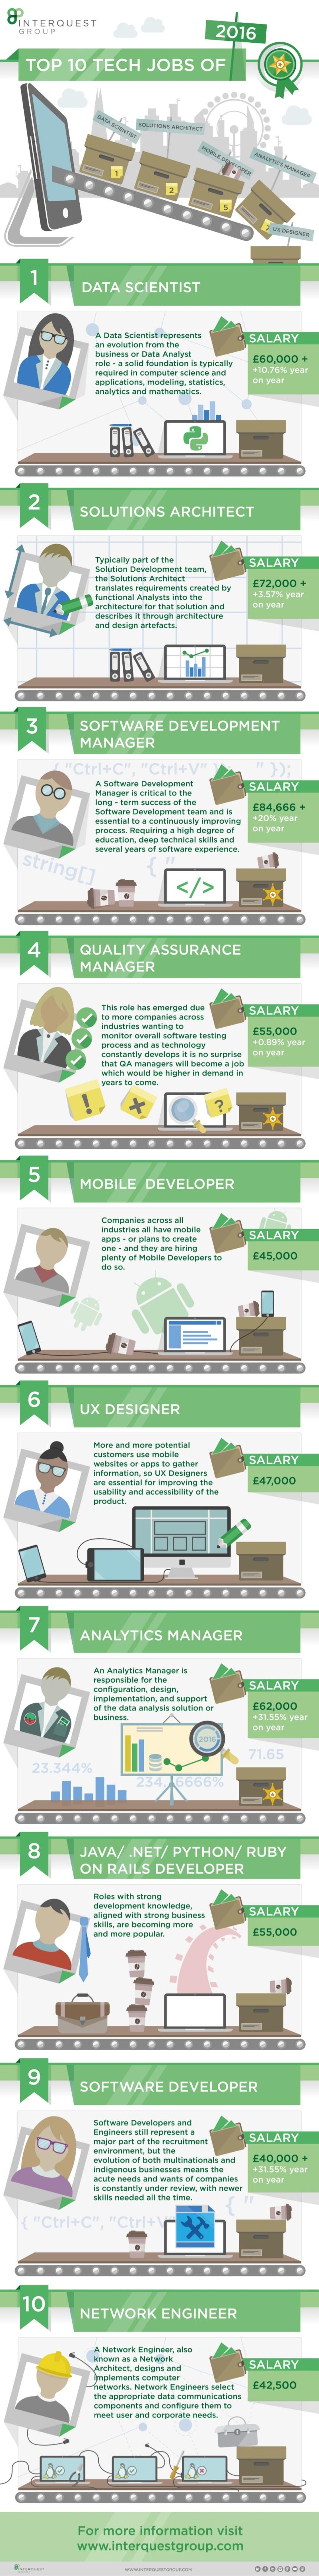 Top 10 trabajos tecnológicos